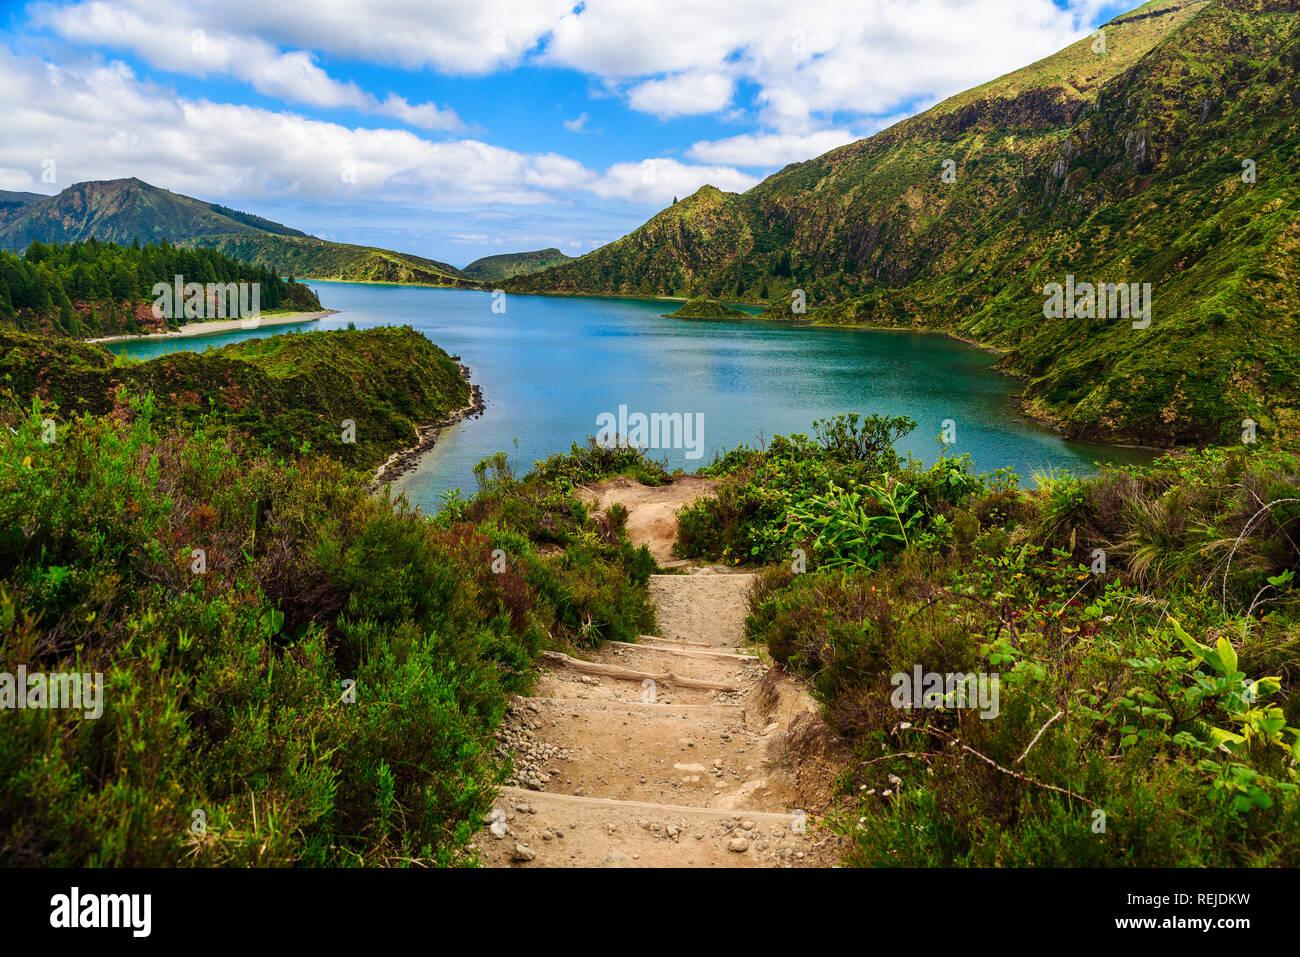 Percorso a piedi che conduce a Lagoa do Fogo lago vulcanico, Azzorre, Portogallo. tavel destinazione Immagini Stock